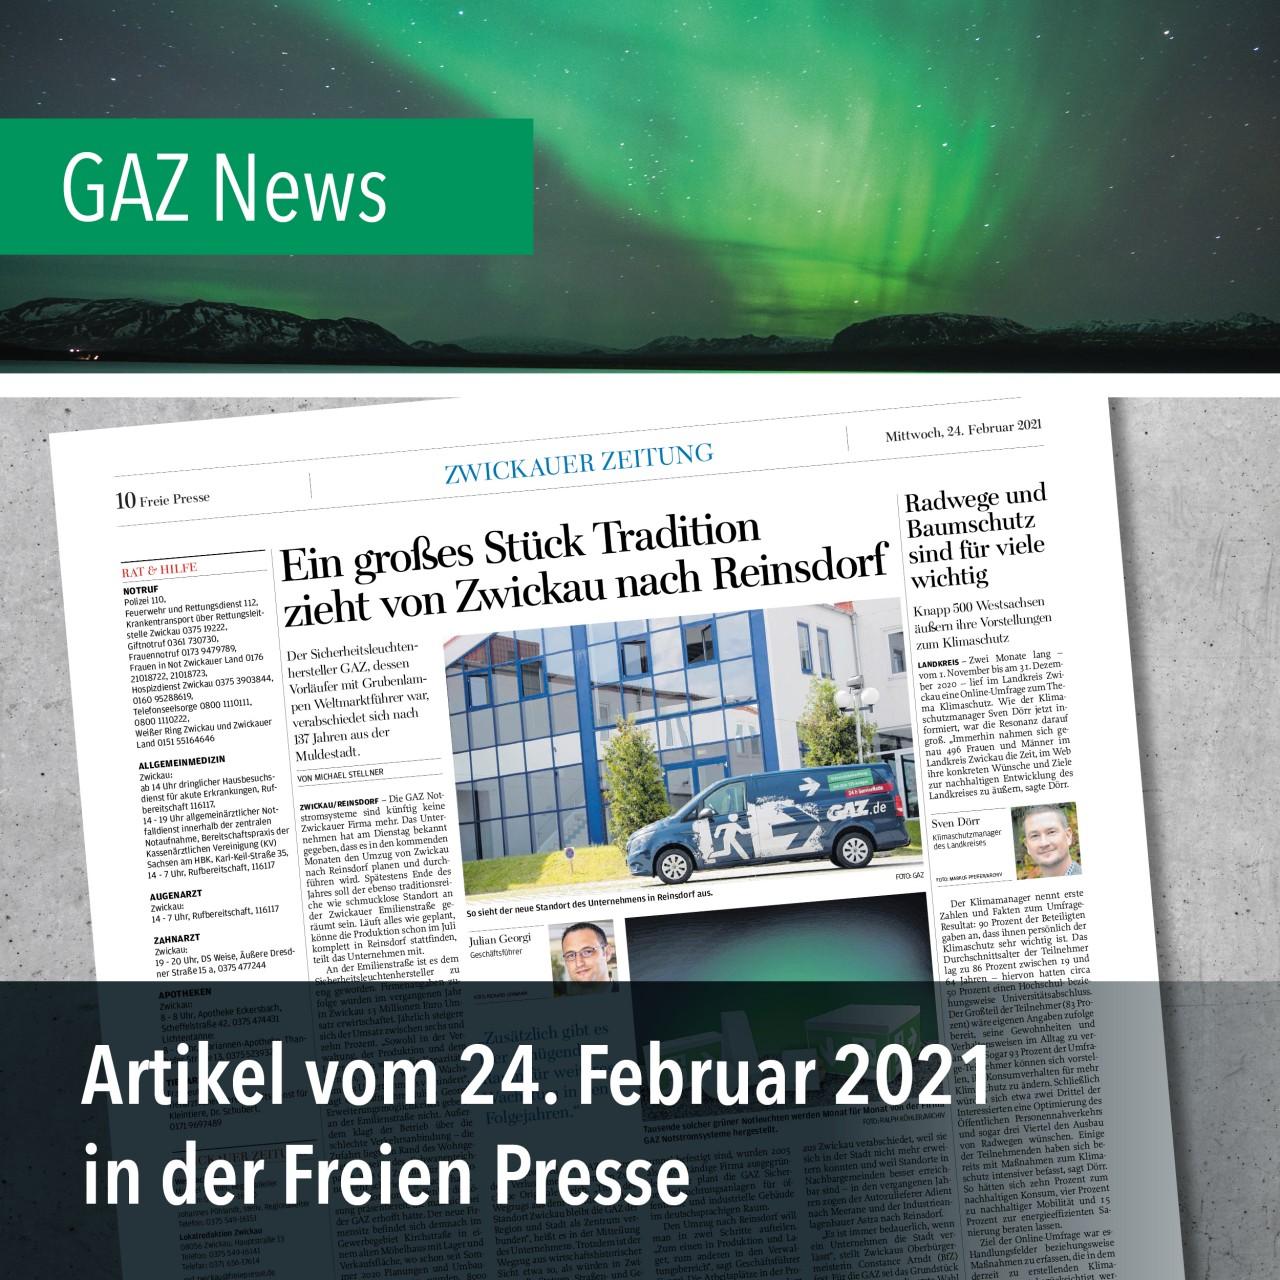 freie_presse_02_21_GAZ_umzug_600x600px